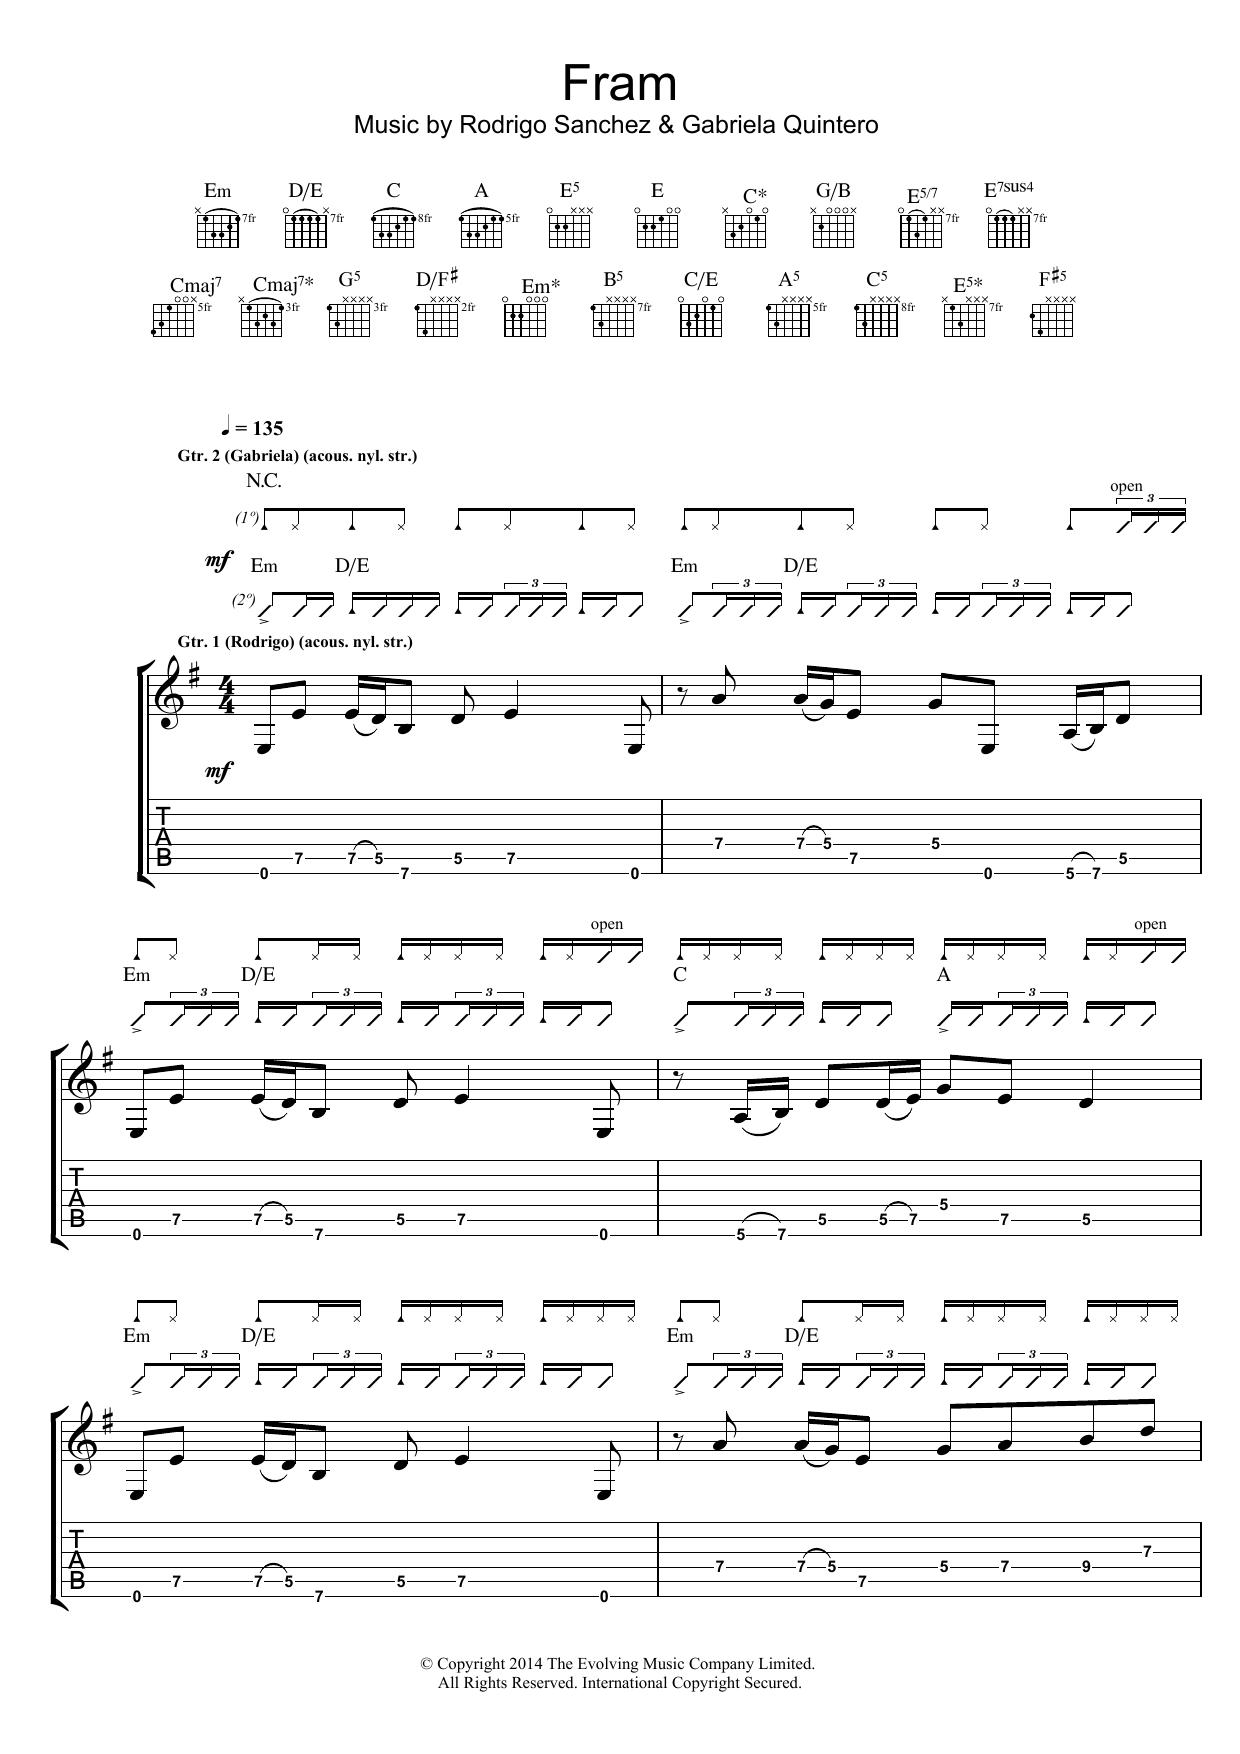 FRAM Sheet Music